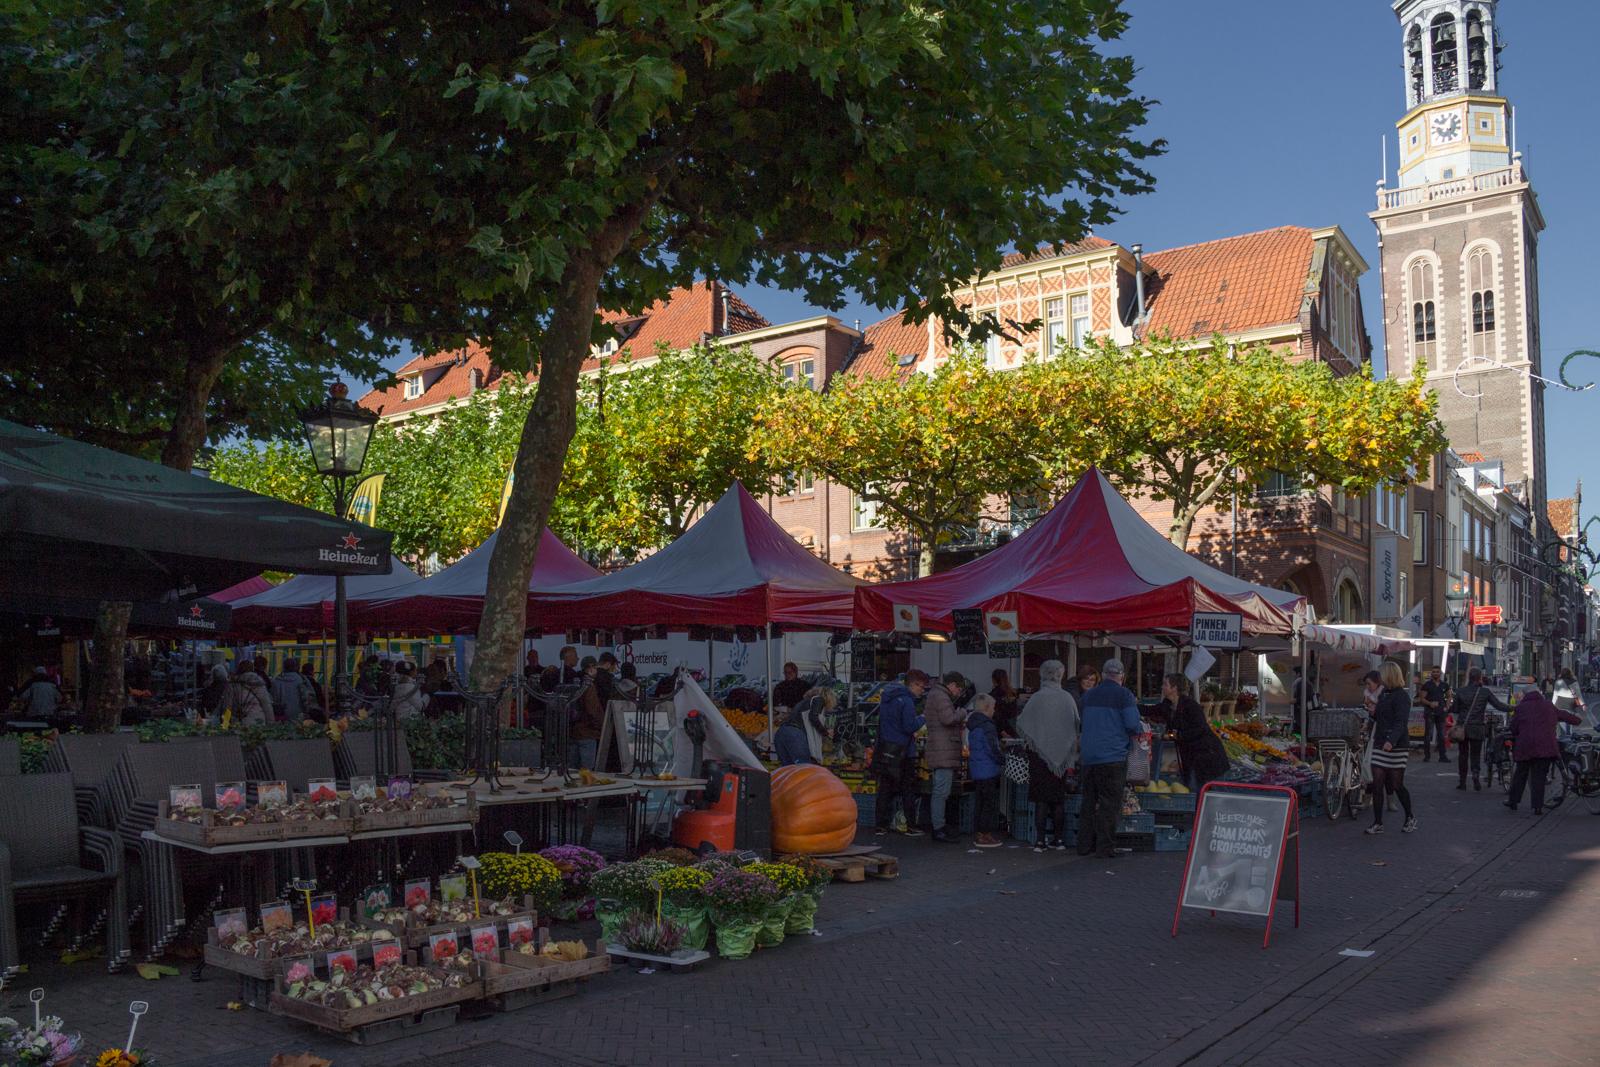 Hanzesteden, niederländische Hansestädte, Hafen, Kogge, Holland, Kampen